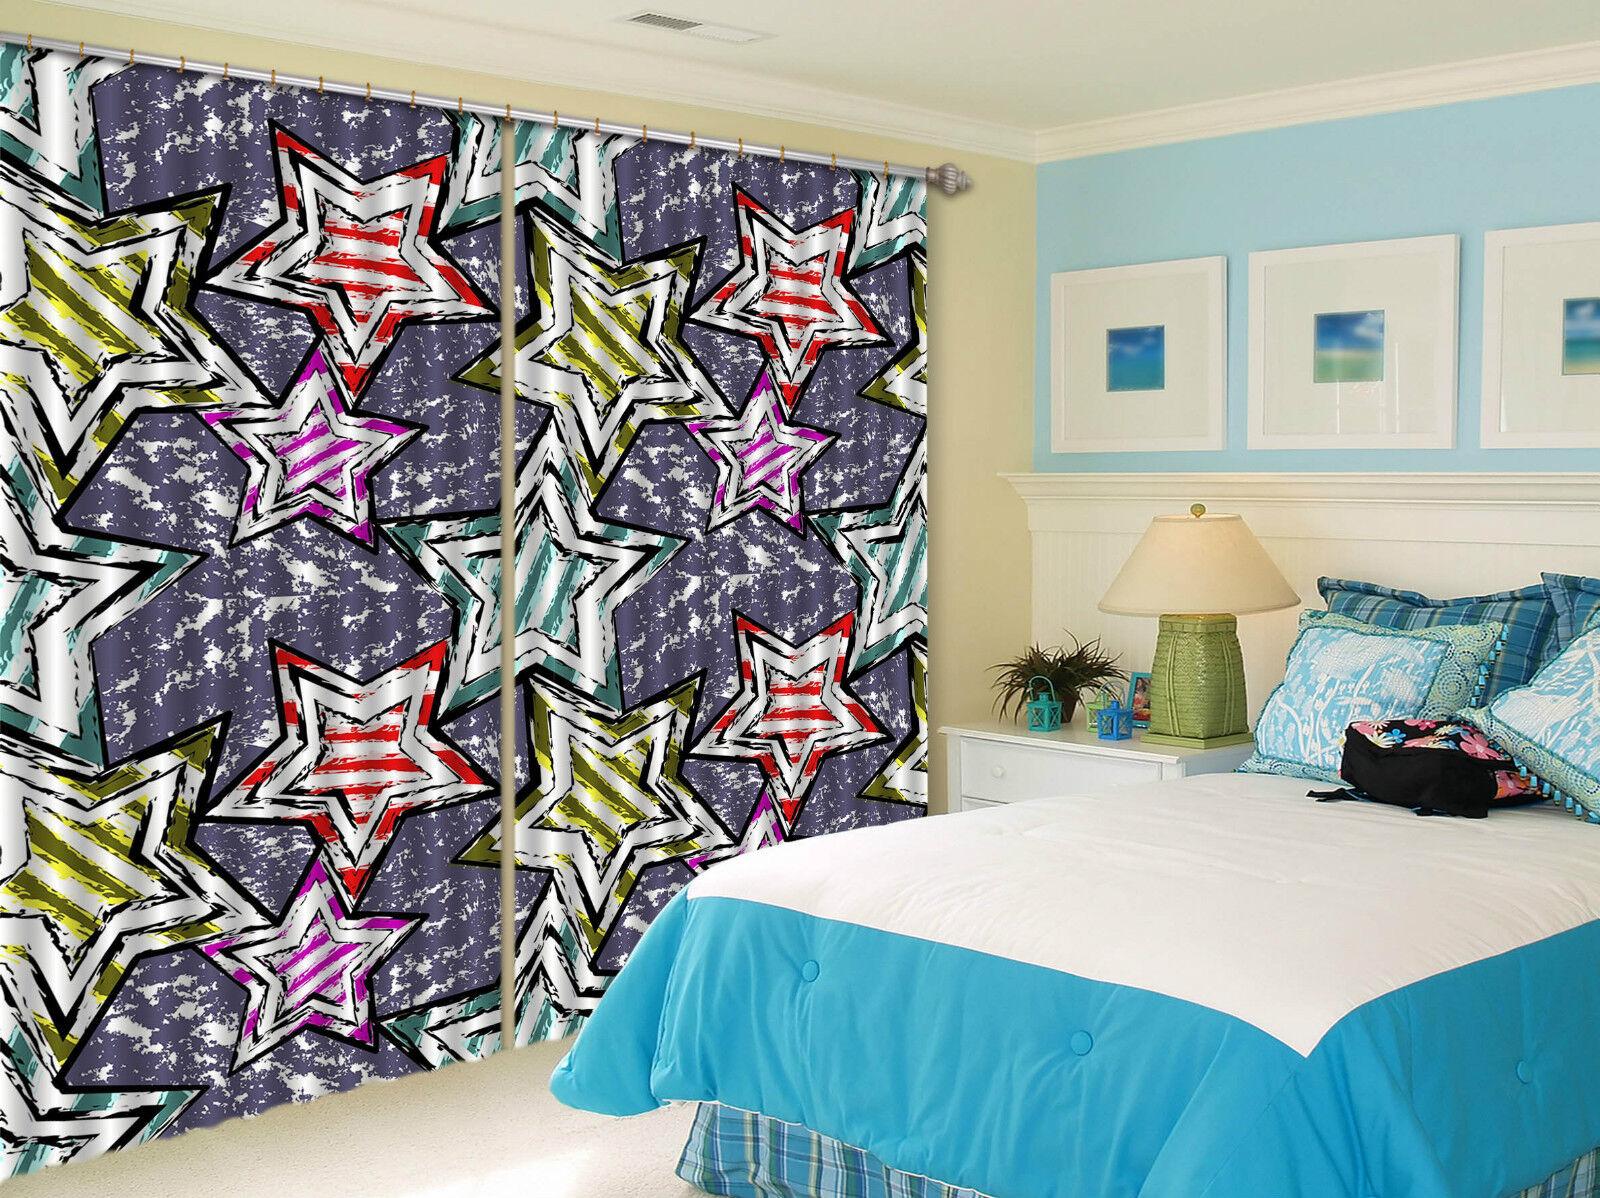 3d estrella patrón 131 bloqueo foto cortina cortina de impresión sustancia cortinas de ventana